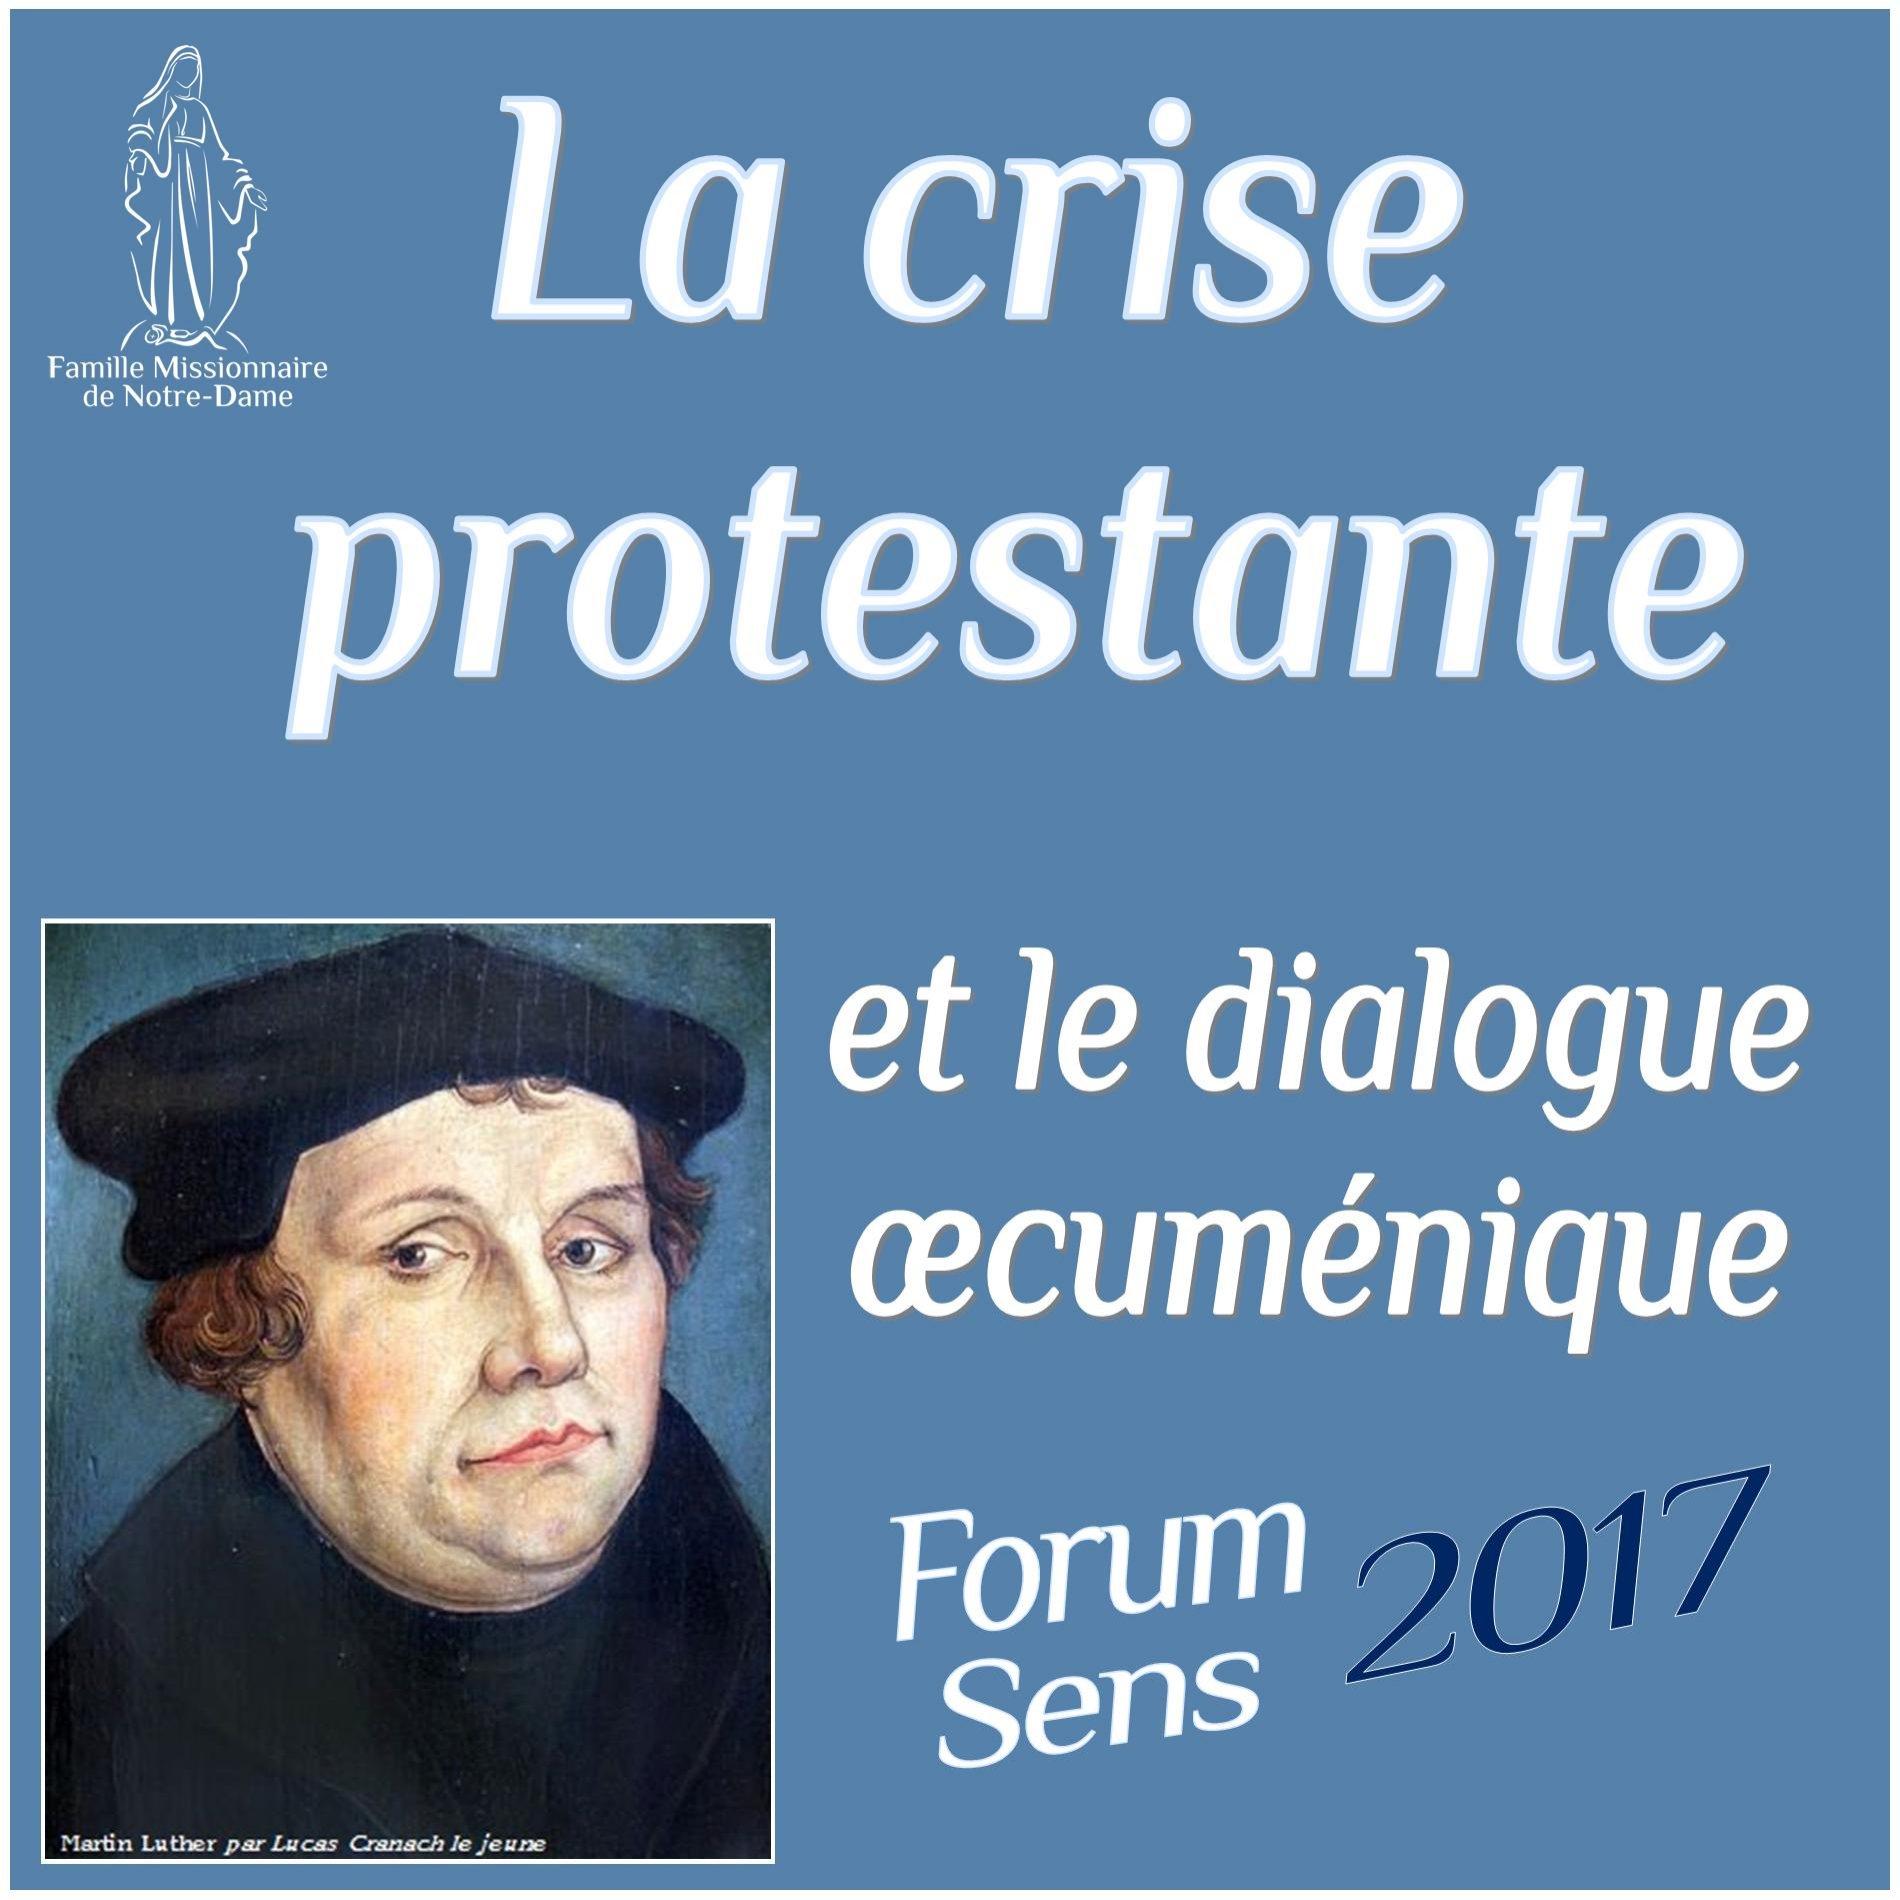 Podcast Domini - La crise protestante et le dialogue œcuménique